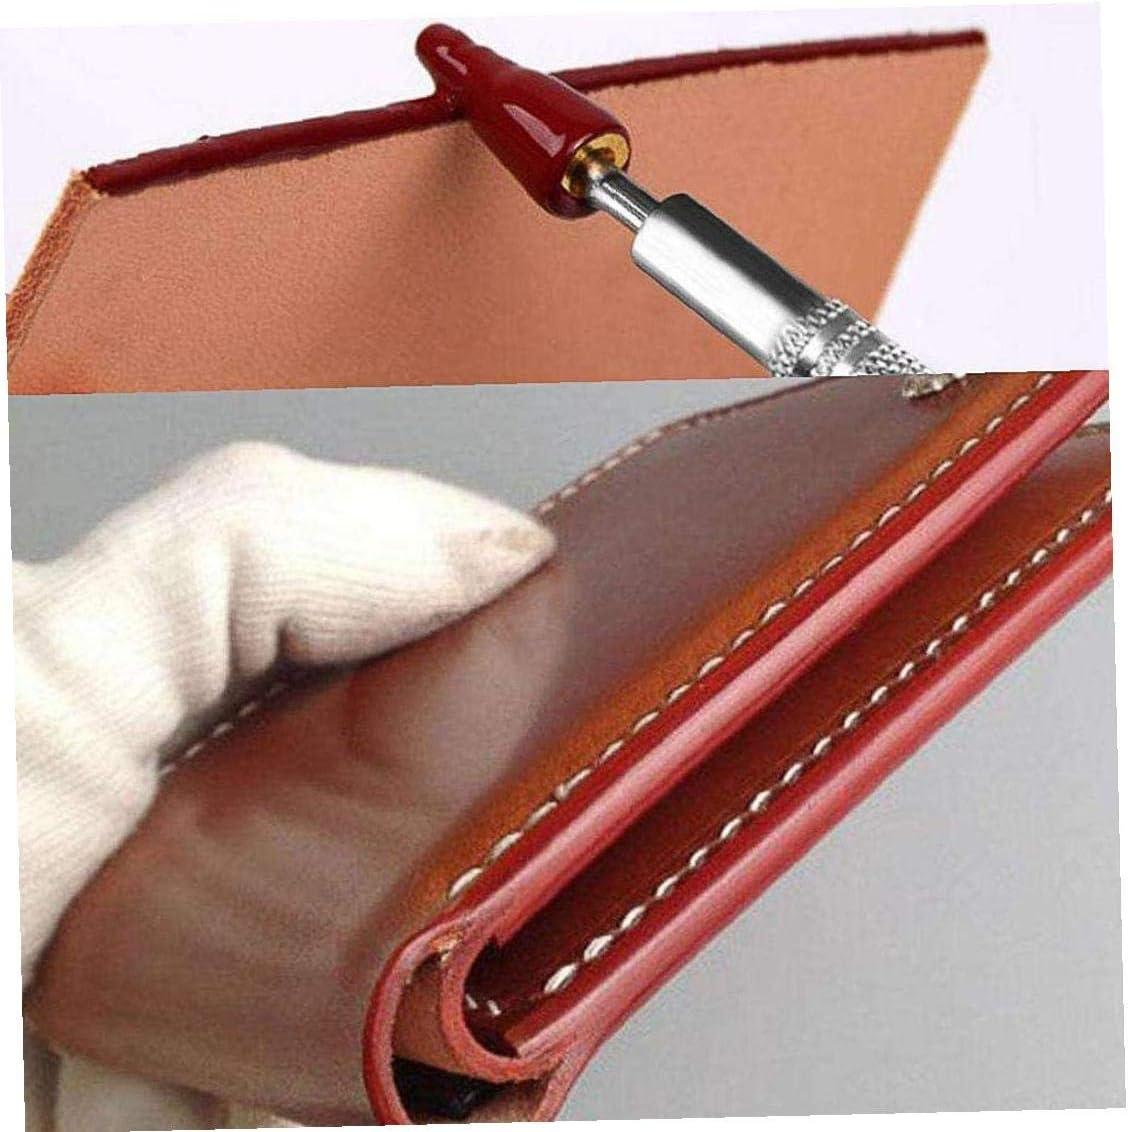 Bord en Cuir Impression Dye Pen Outil Peinture /À lhuile Pen pour Craft en Cuir DIY De Travail 2 Pi/èces